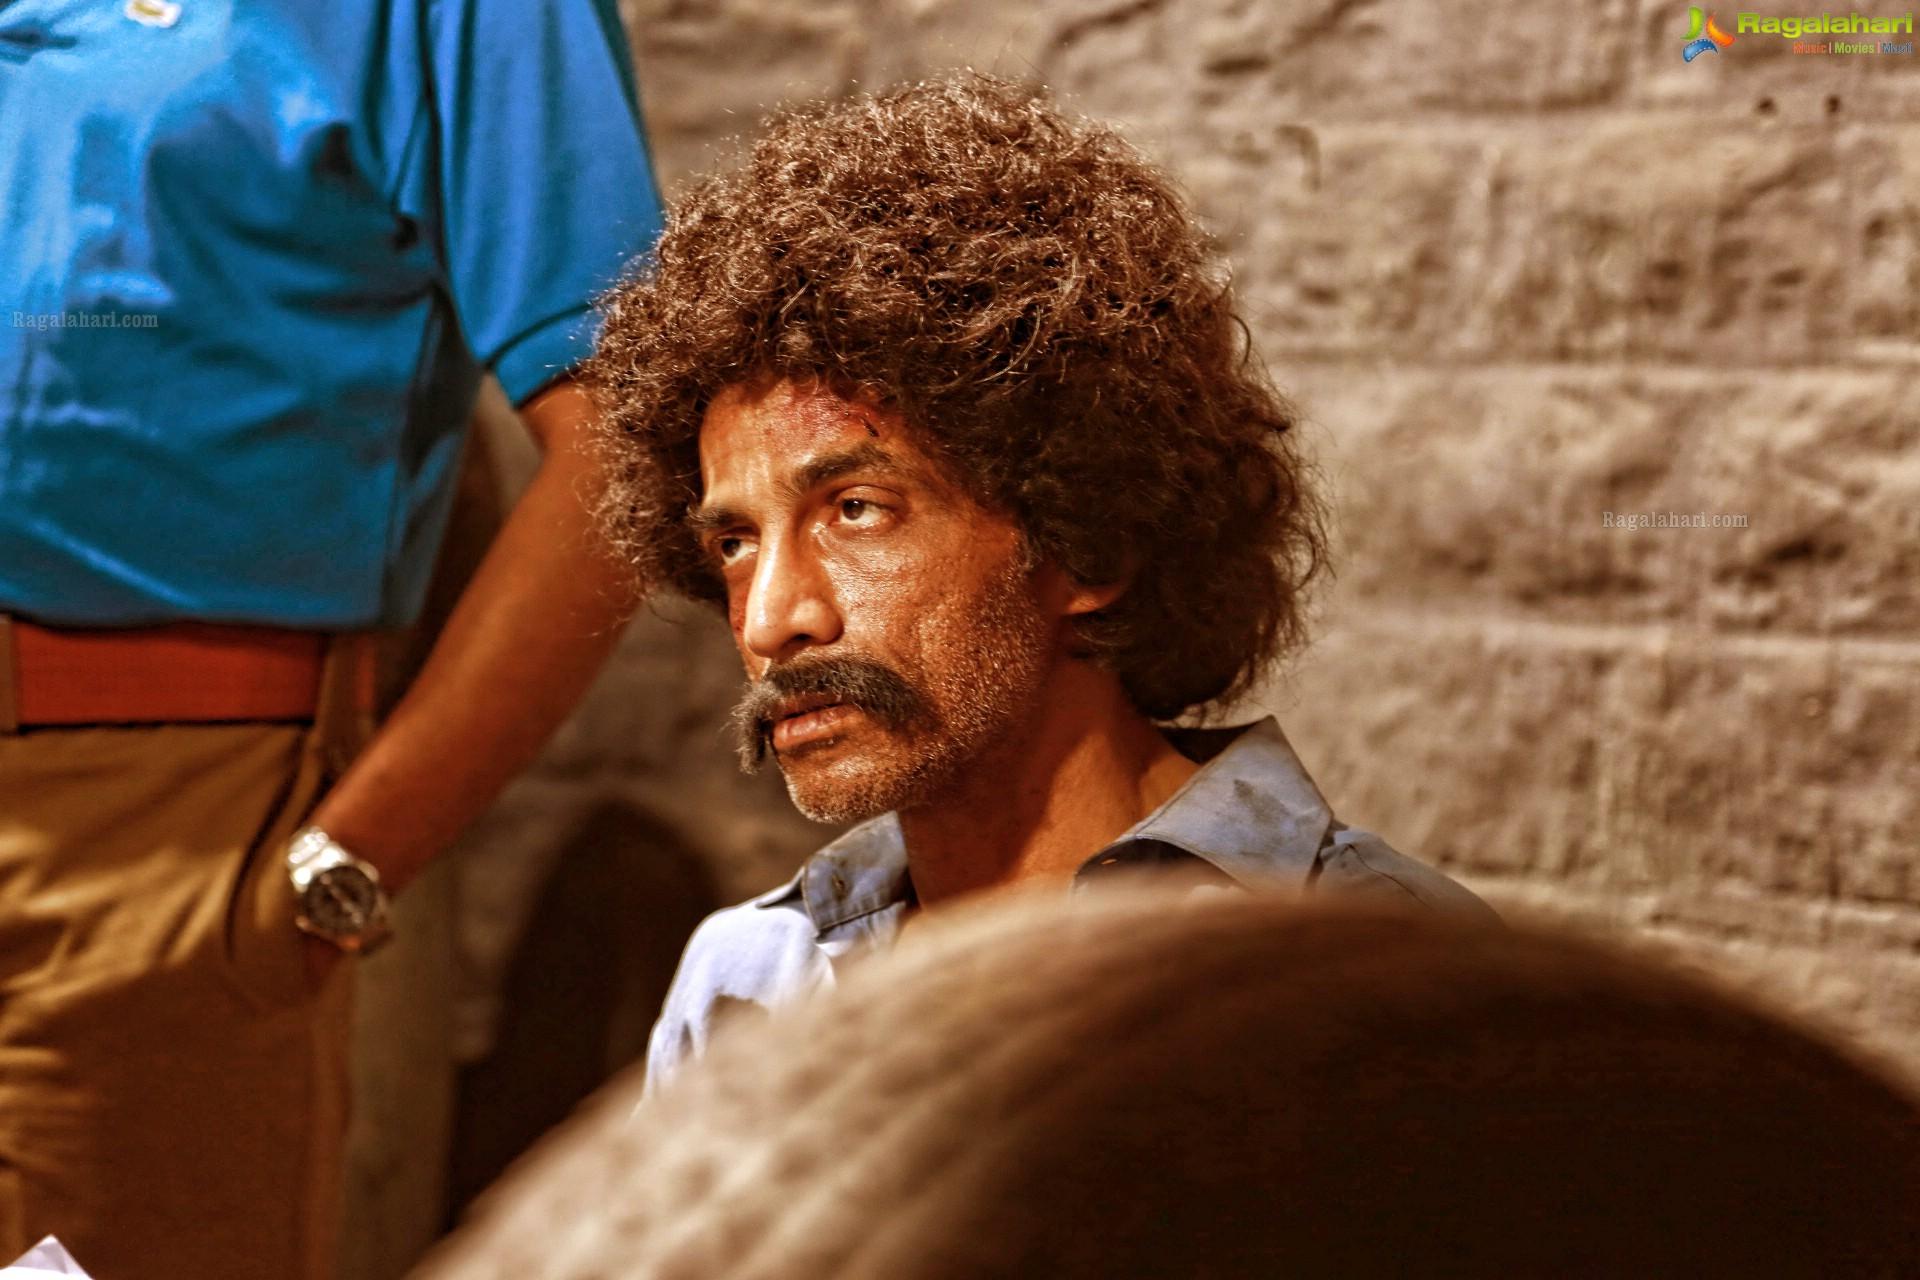 Dandupalyam 3 Hd Movie Stills Cast P Ravishankar Pooja Gandhi